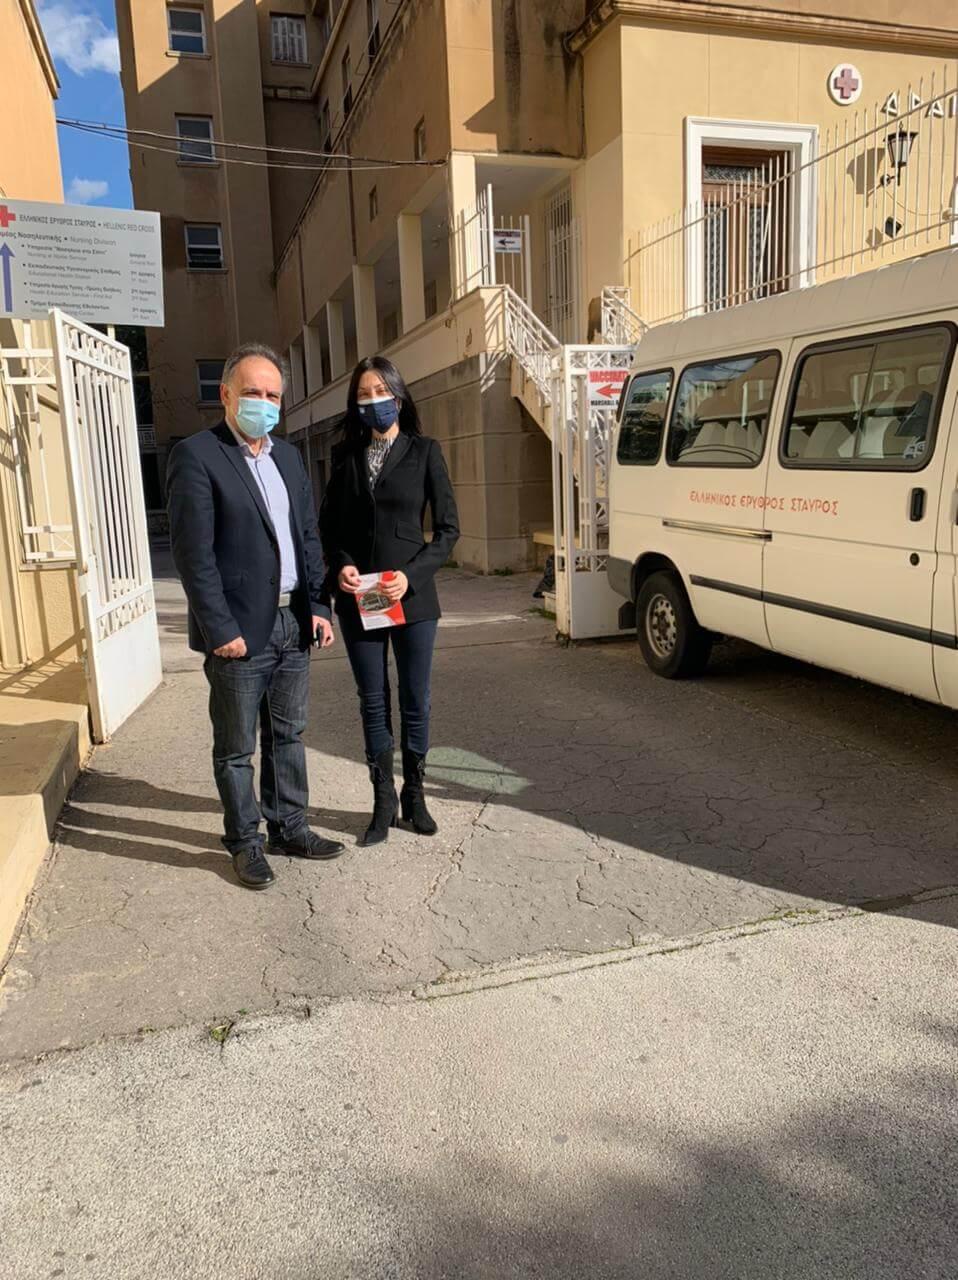 Επίσκεψη της Νάντιας Γιαννακοπούλου στον Ερυθρό Σταυρό